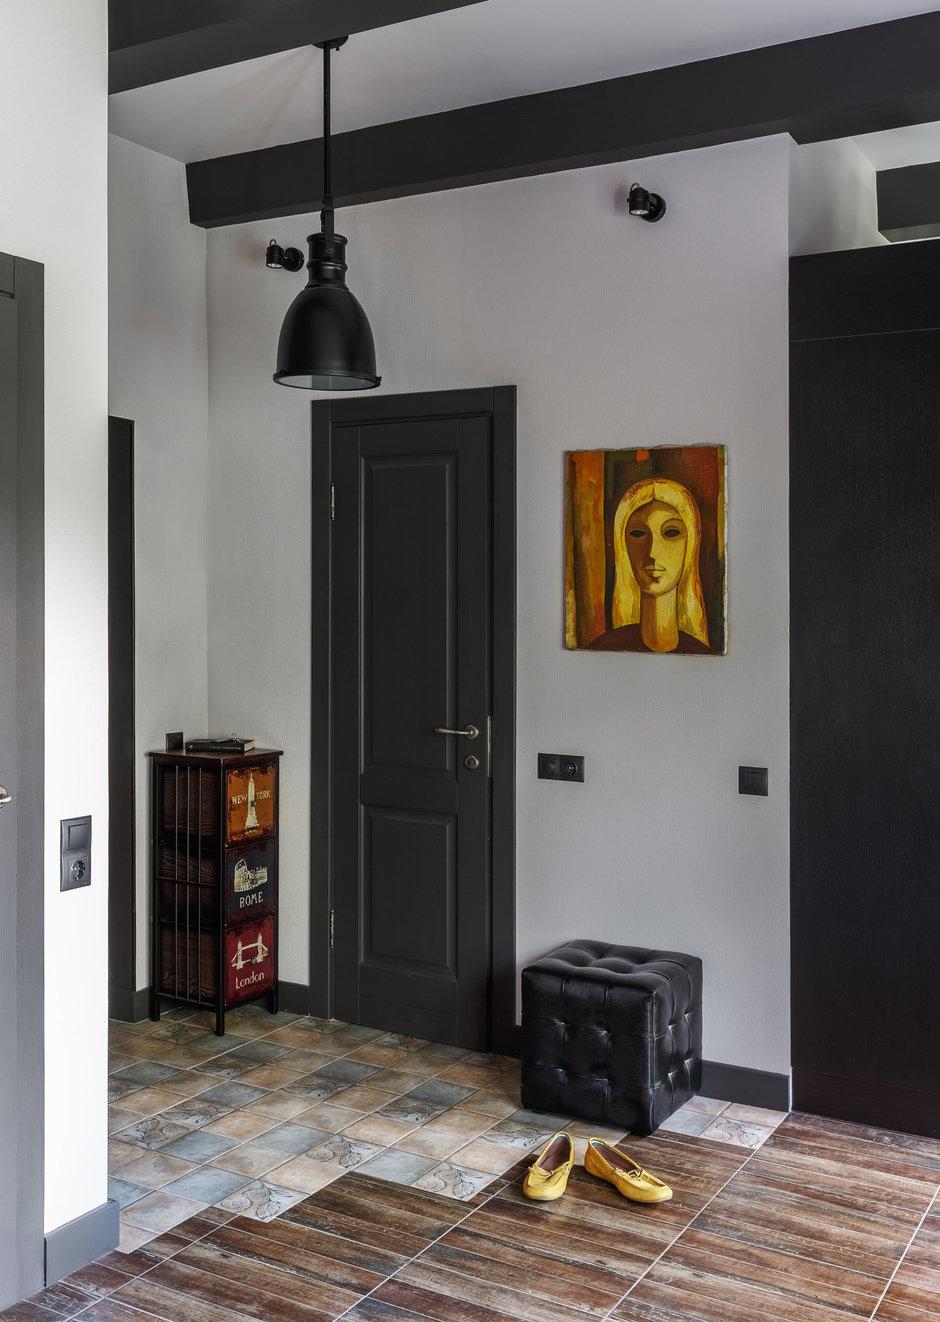 Фотография: Прихожая в стиле Лофт, Малогабаритная квартира, Квартира, Студия, Проект недели, Москва, Марина Саркисян, Кирпичный дом, до 40 метров – фото на InMyRoom.ru